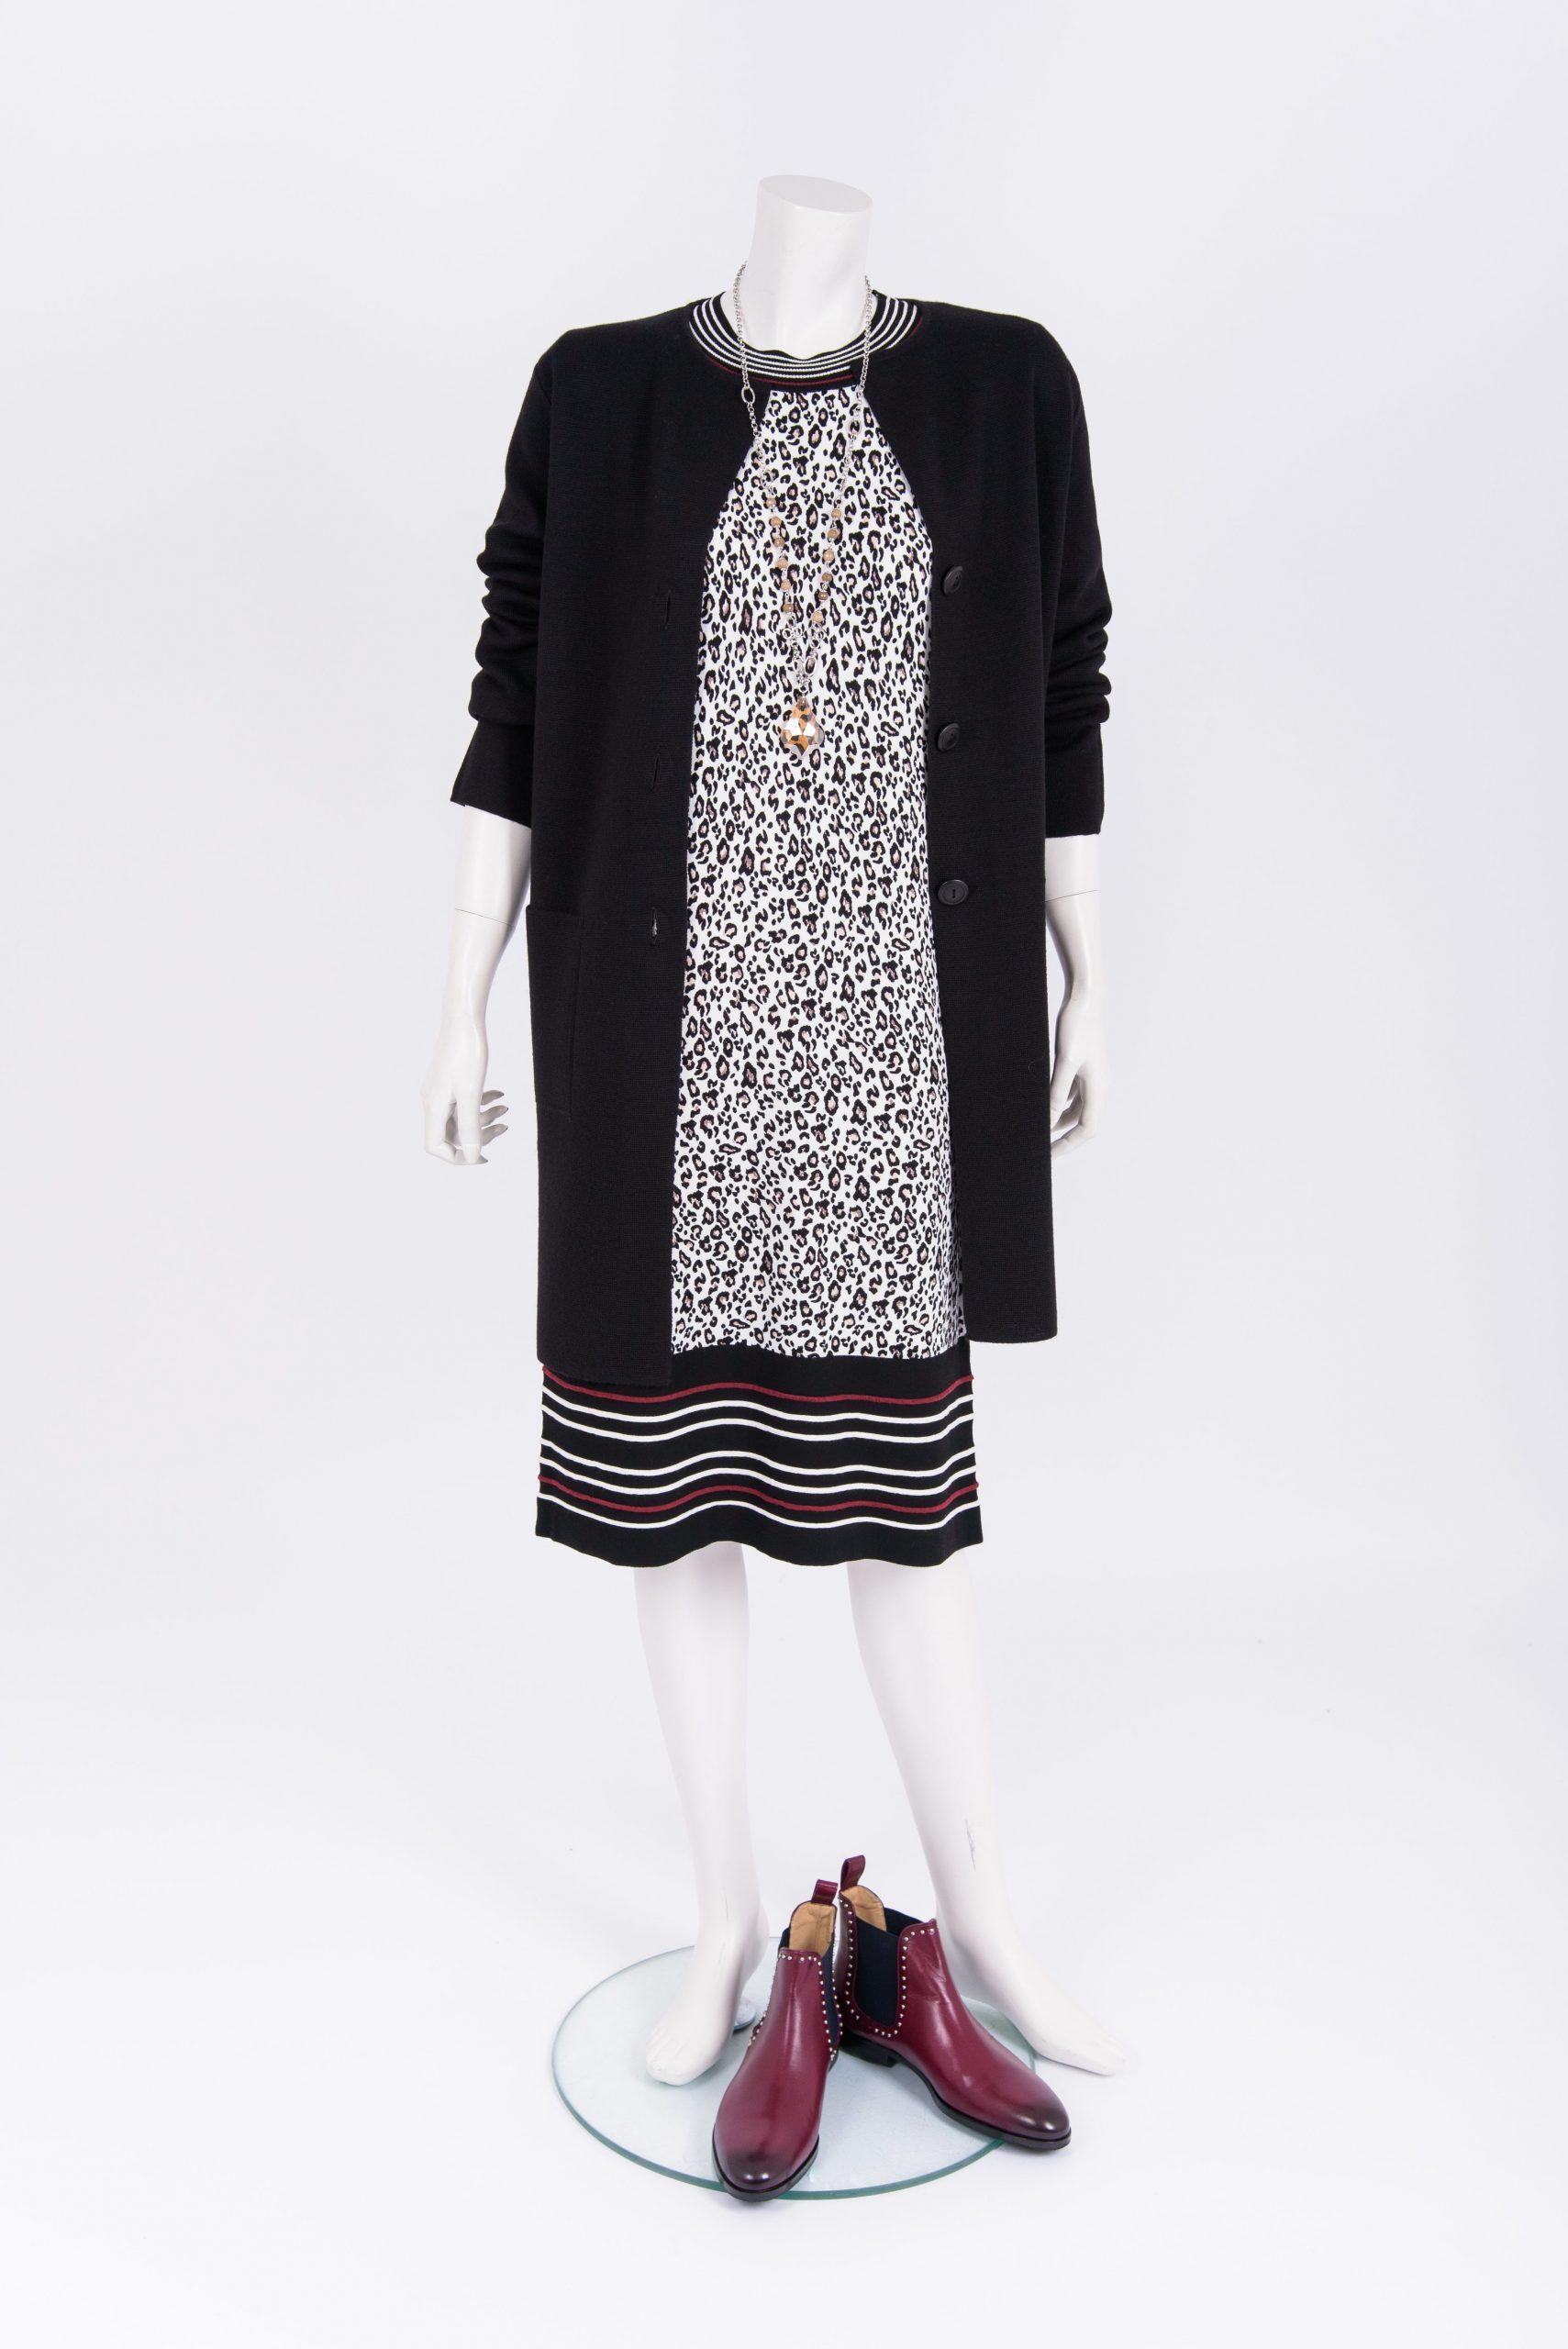 17 Erstaunlich Abendkleider Quickborn Stylish15 Einfach Abendkleider Quickborn Boutique